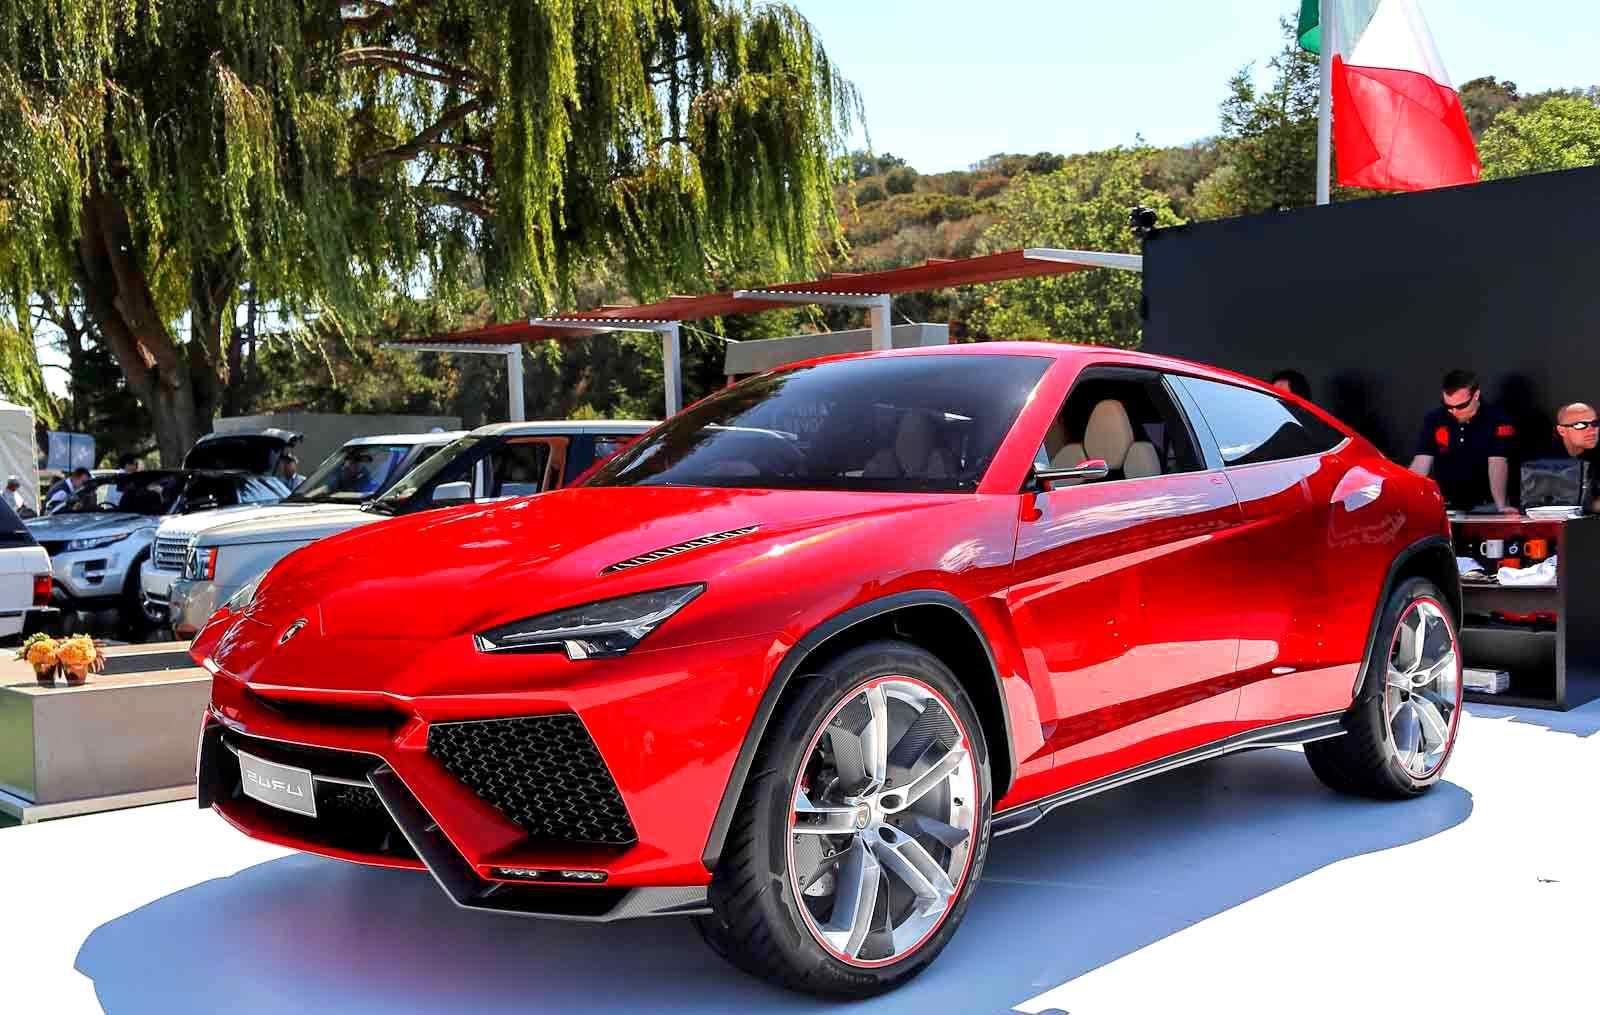 New Lamborghini Urus SUV price